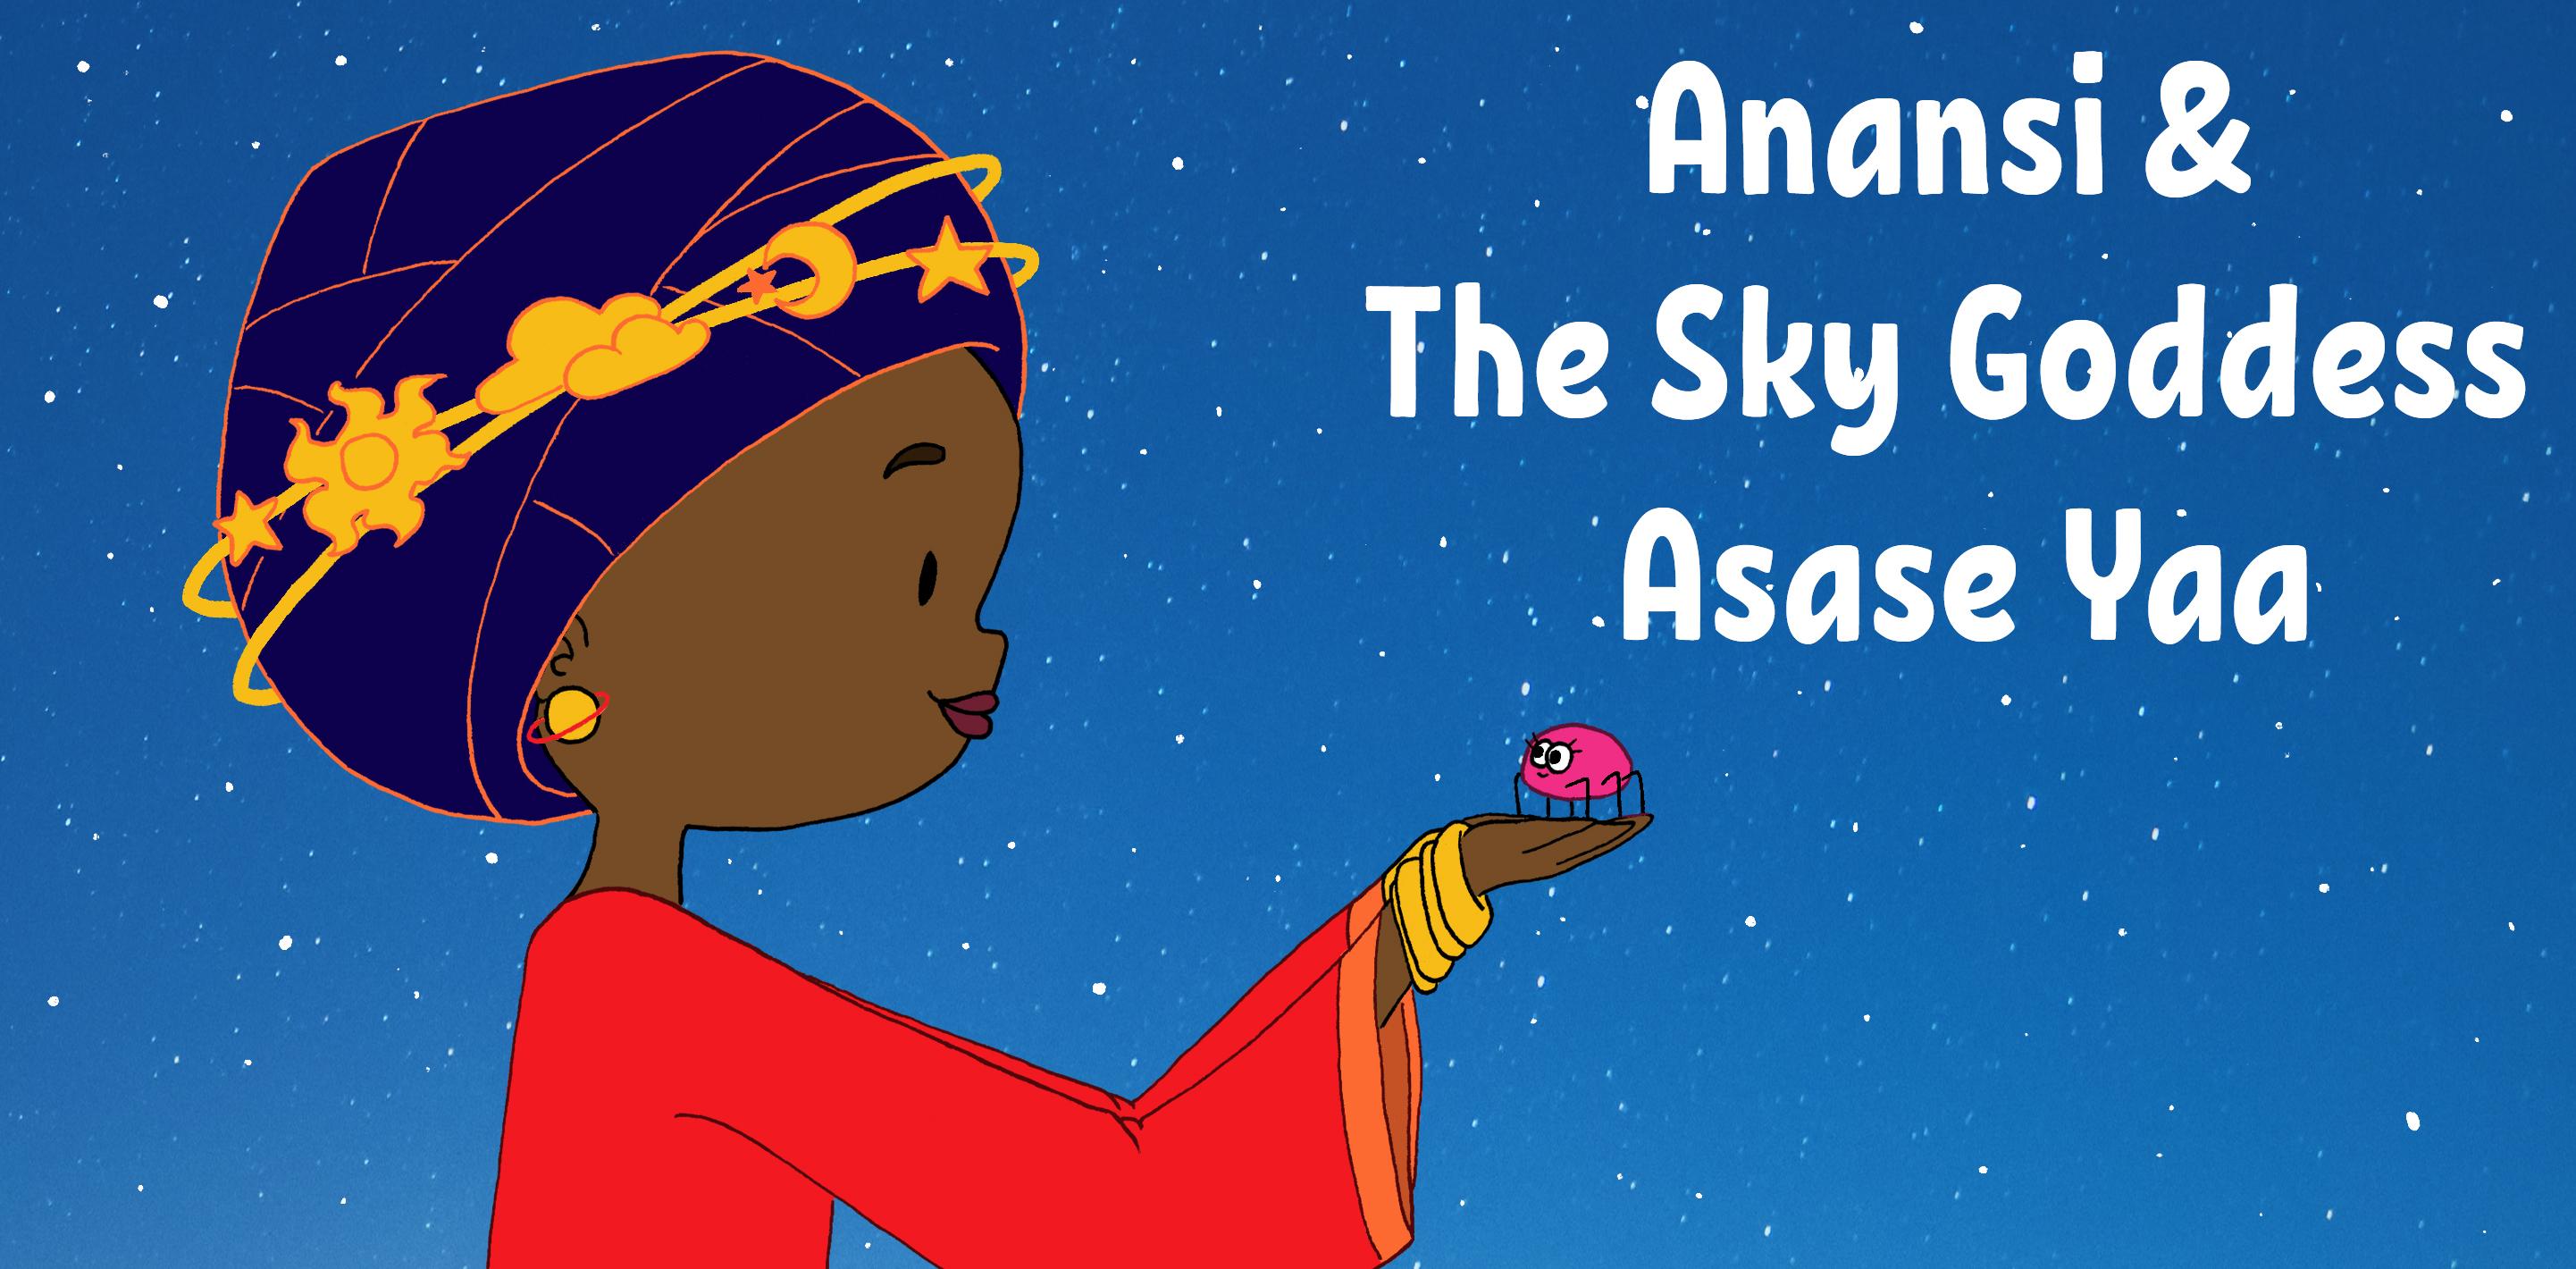 Anansi and the Sky Goddess Asase Yaa by Bleu Beckford-Burrell